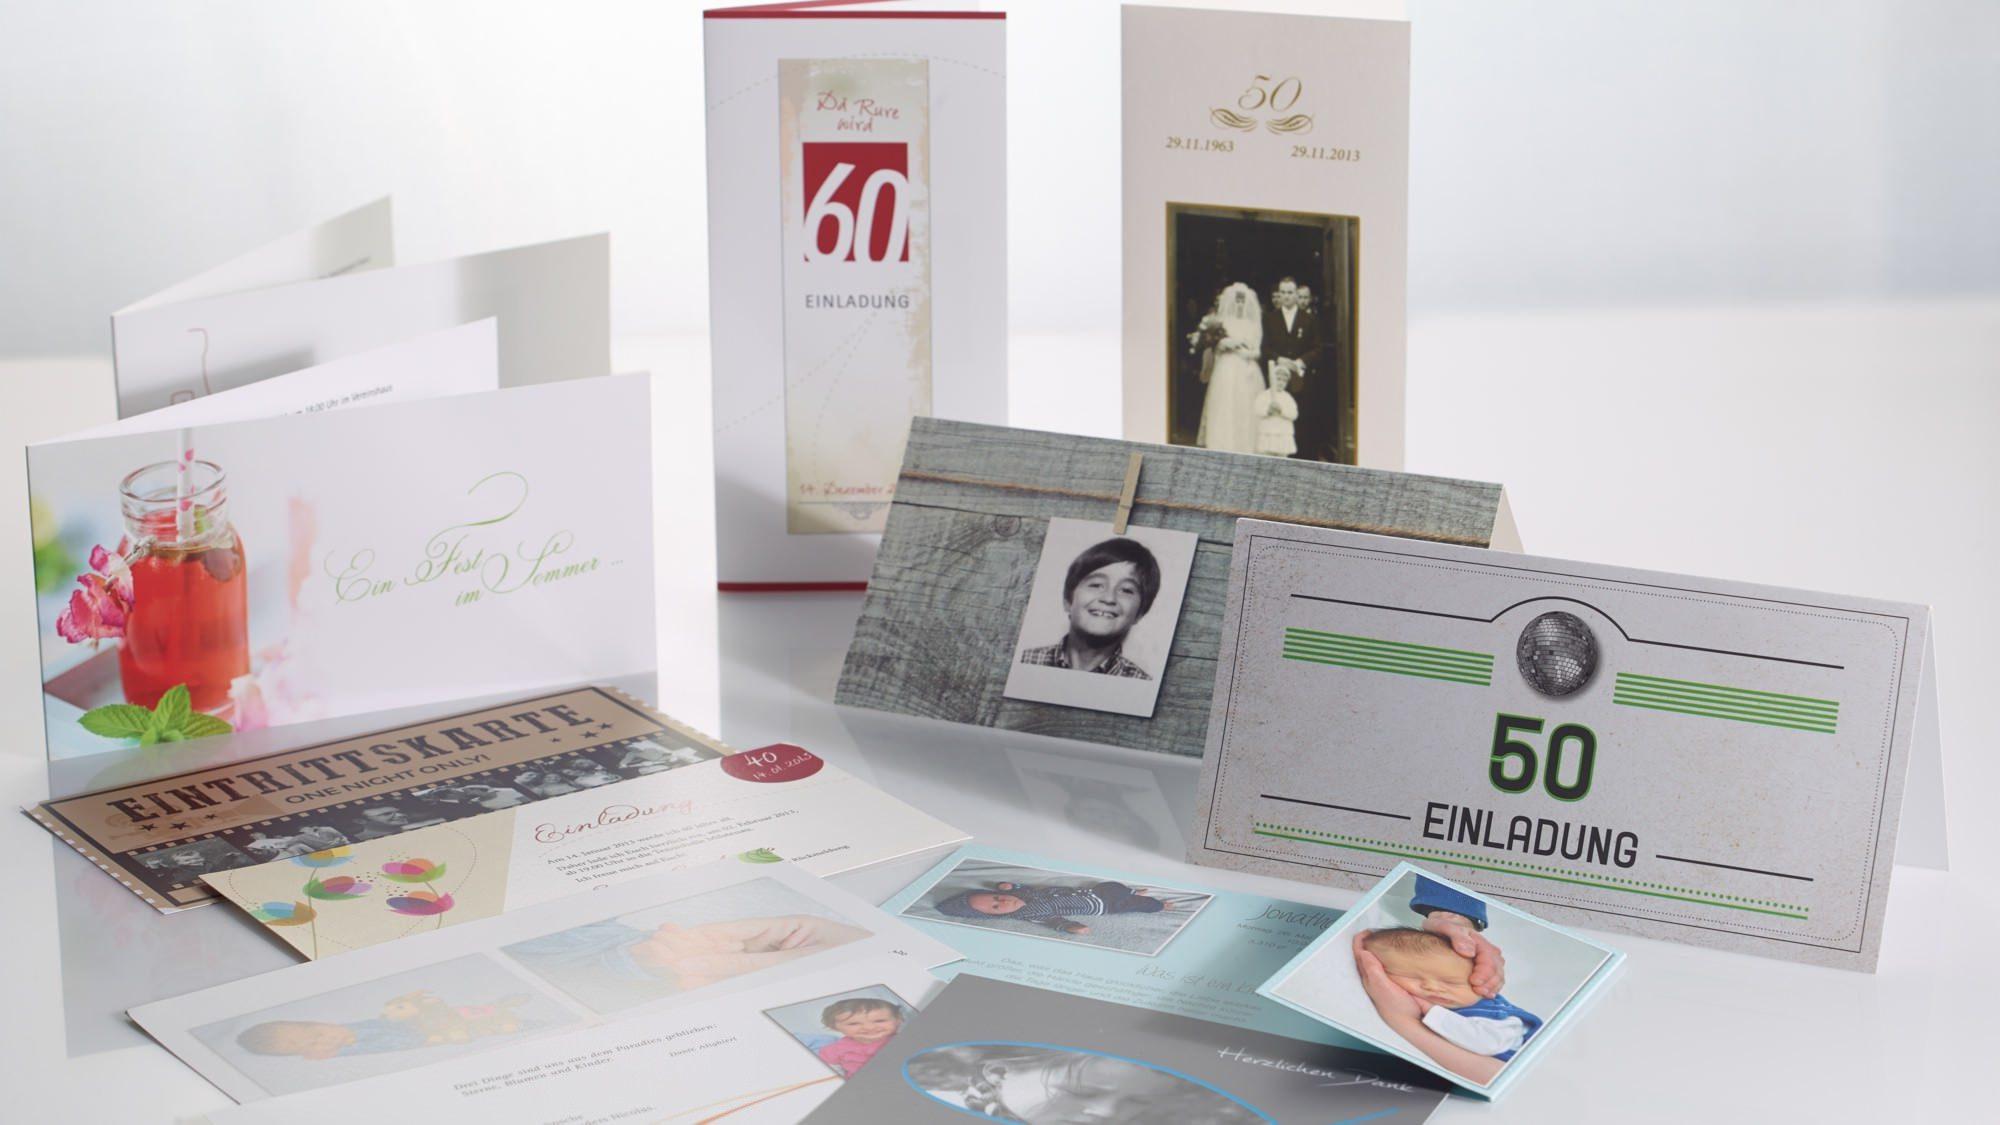 Einladungskarten drucken aus der Druckerei von FREY PRINT + MEDIA